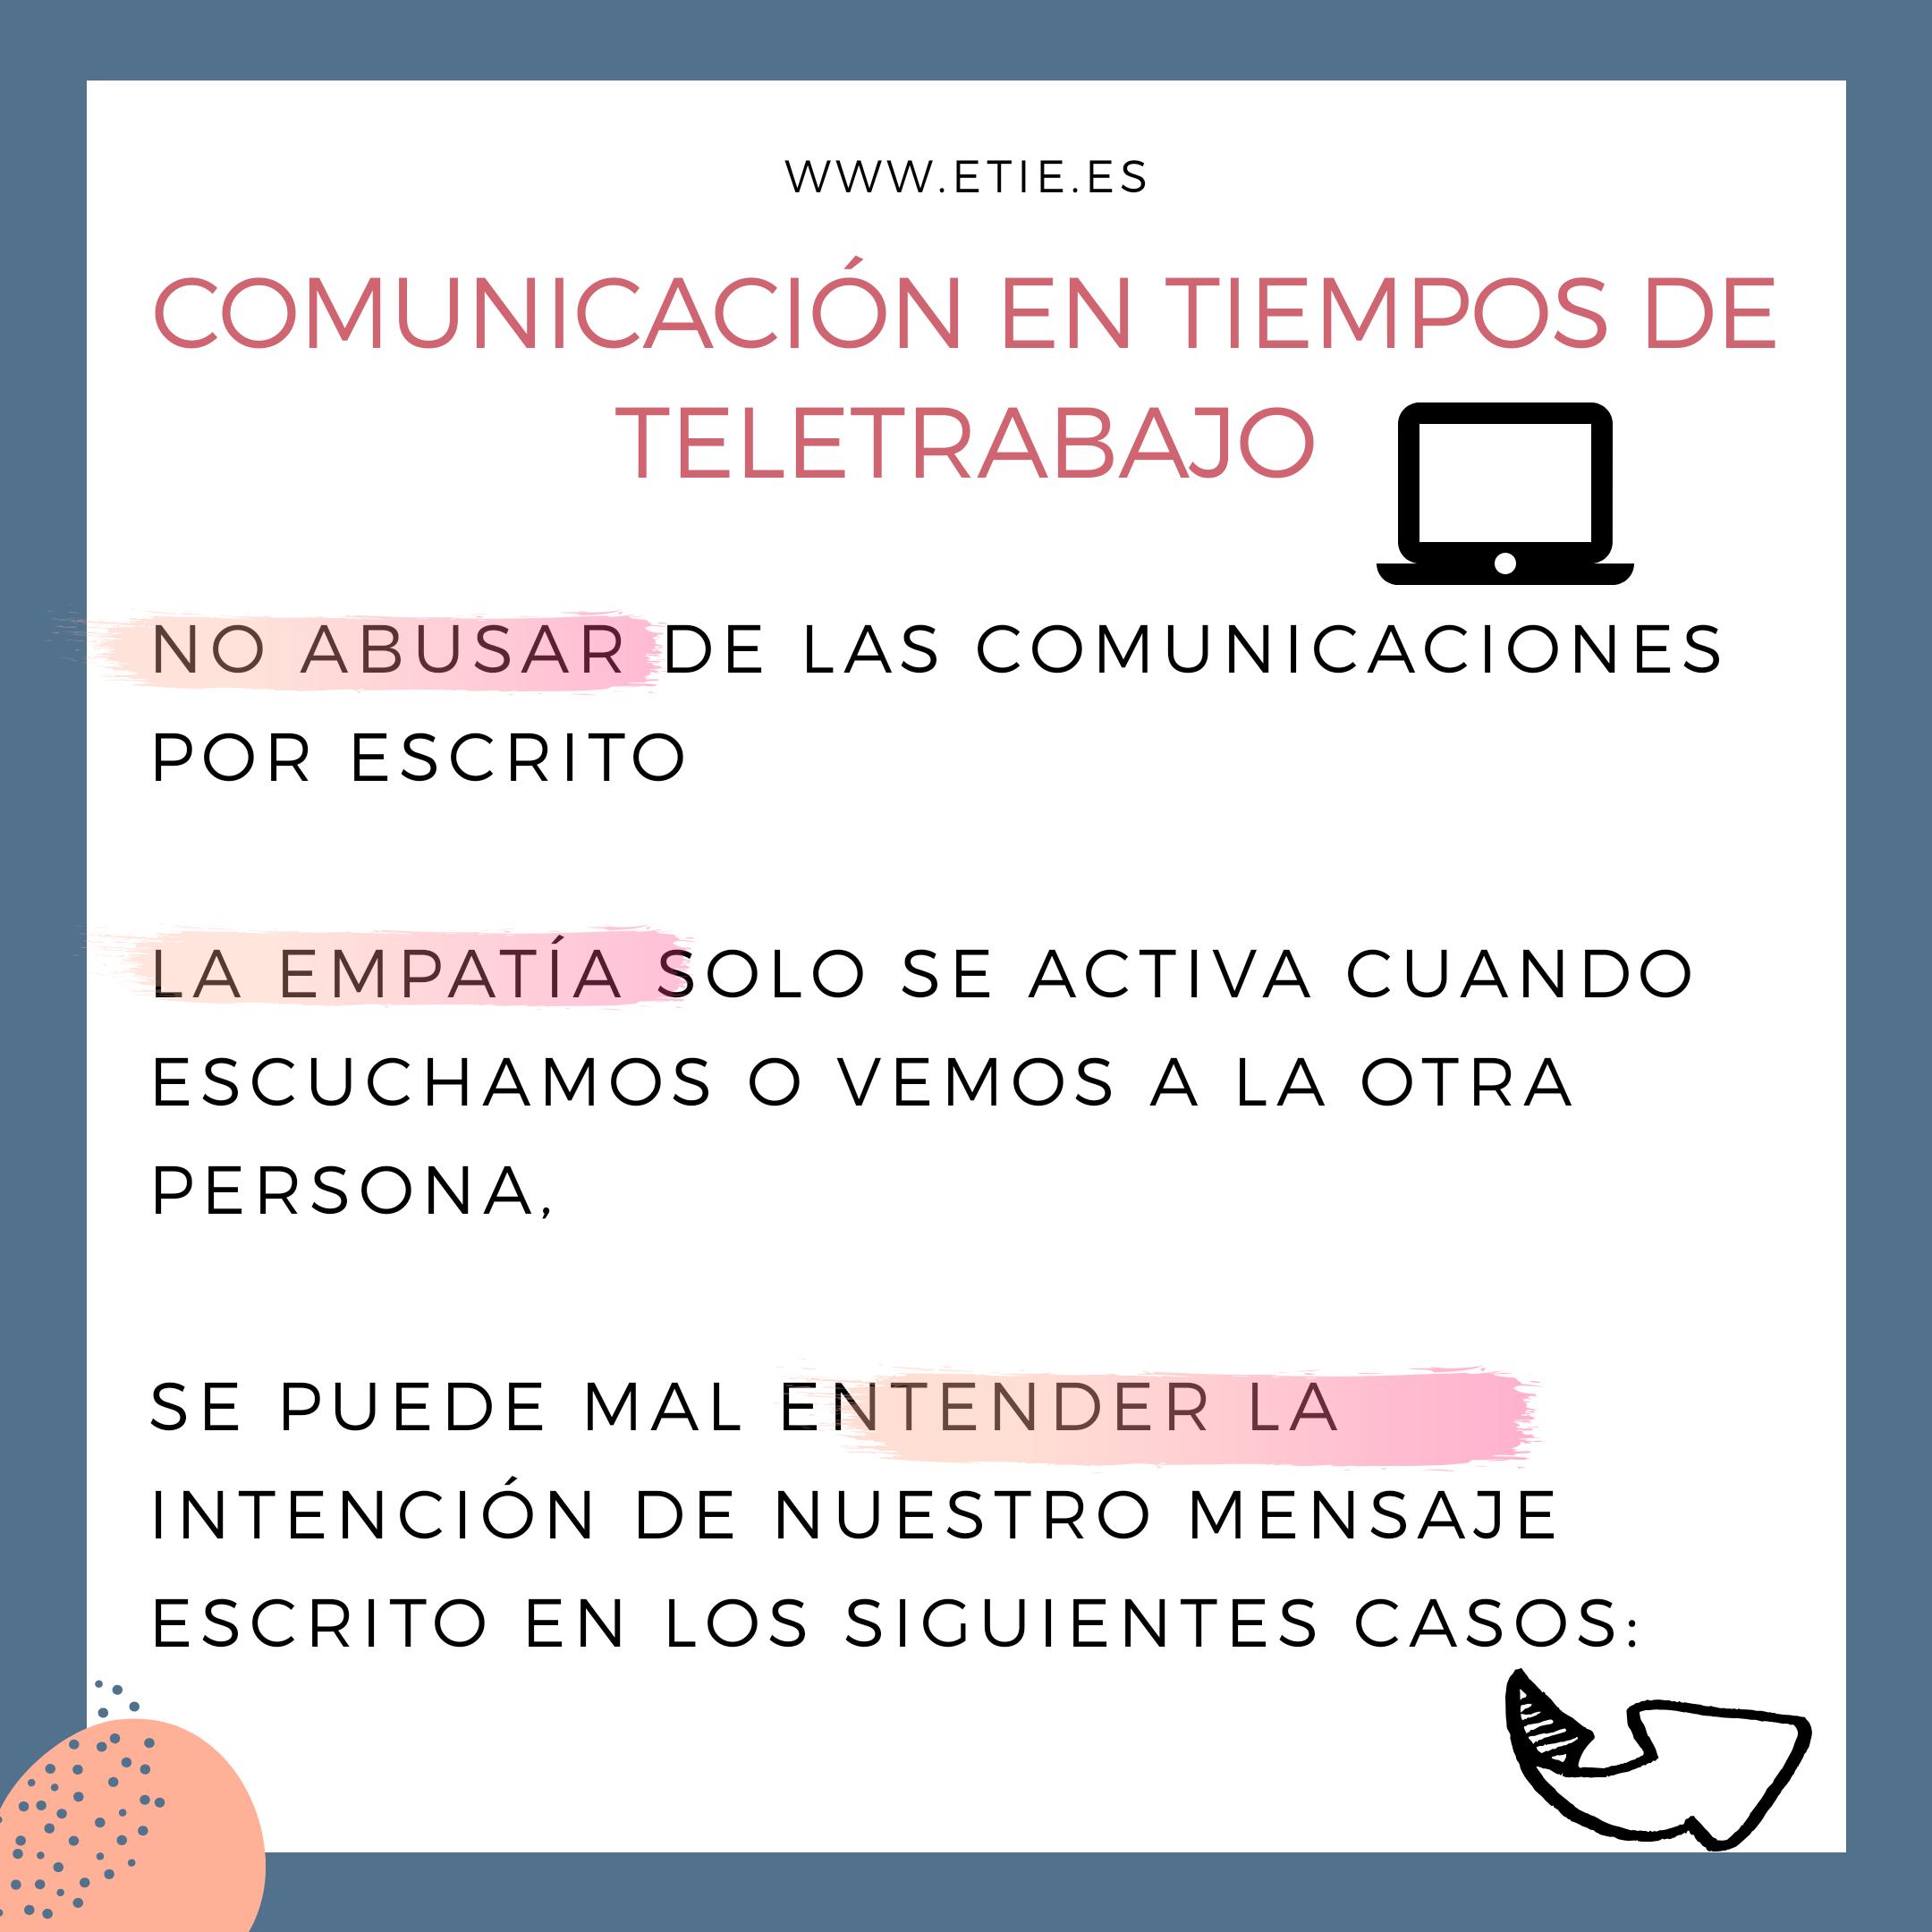 COMUNICACIÓN EFECTIVA EN EL TELETRABAJO